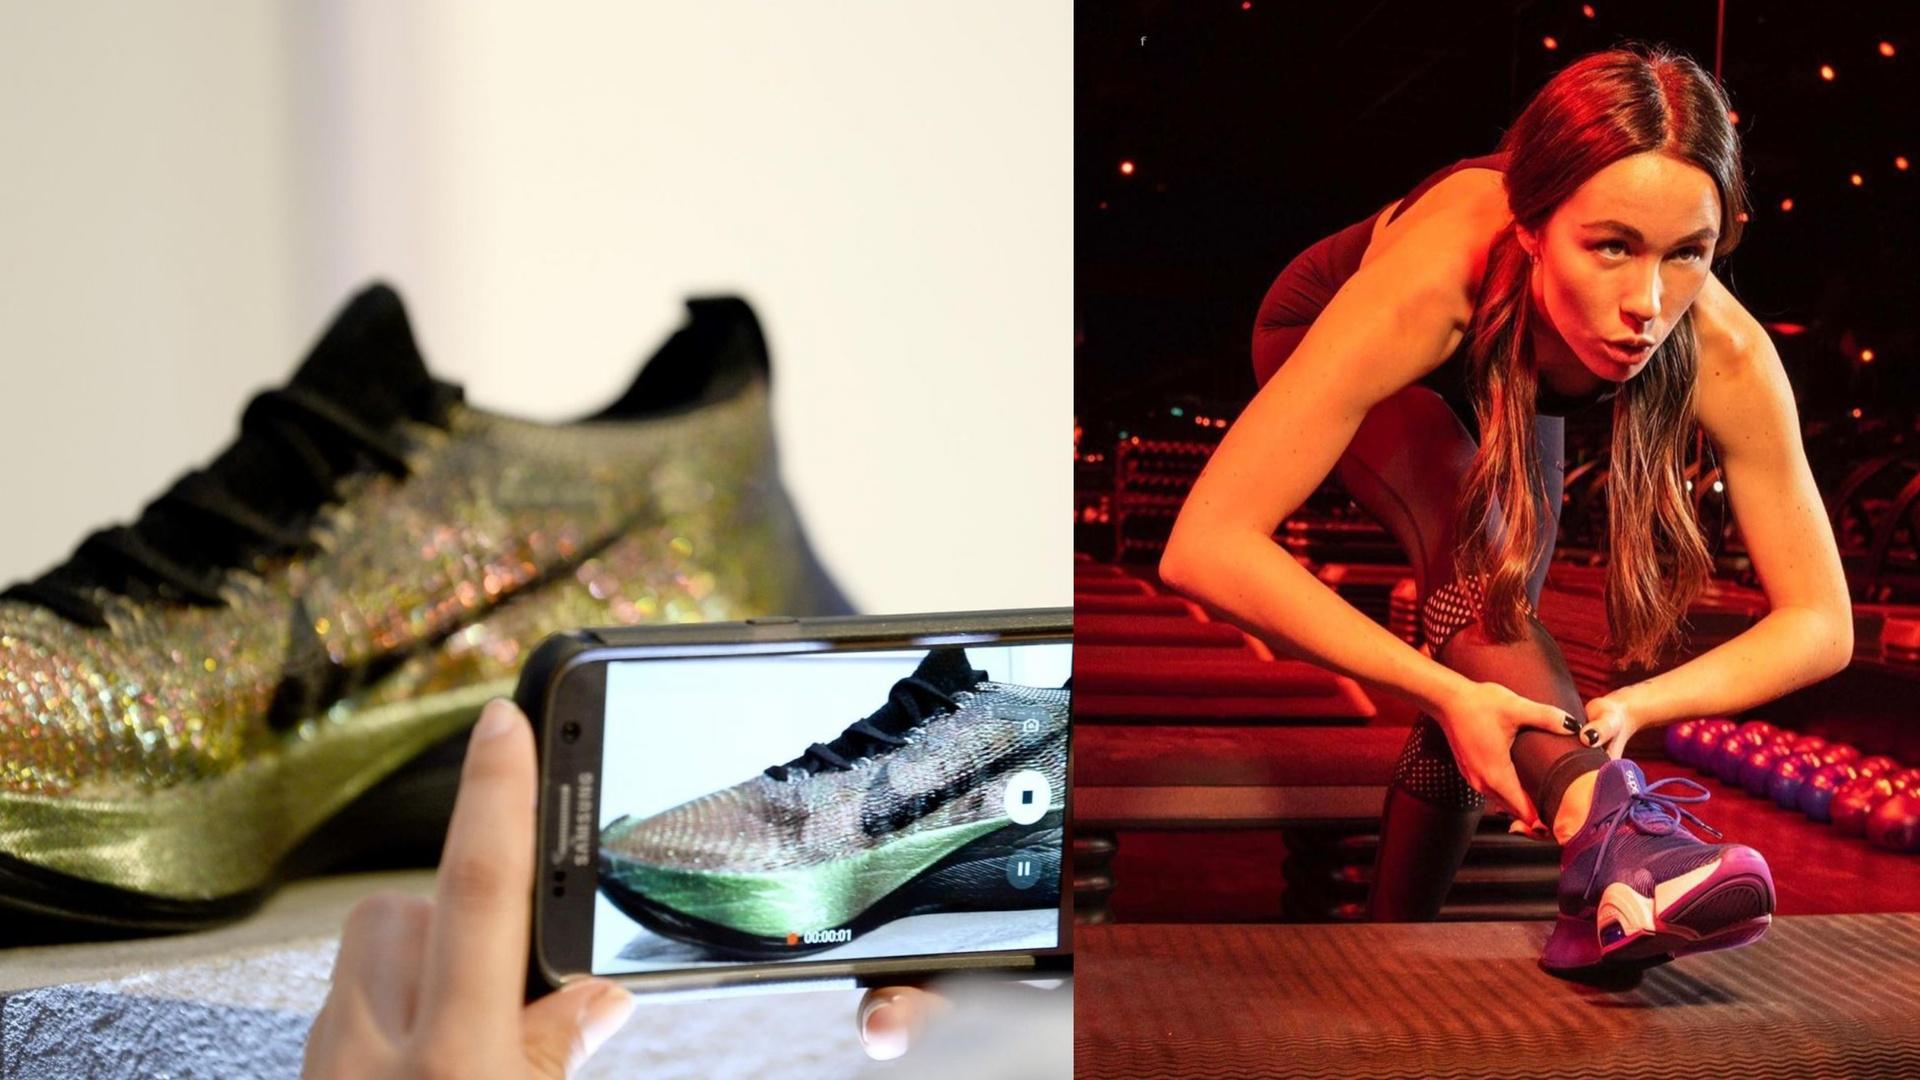 منع الرياضيين من استخدام الأحذية الرياضية عالية التقنية